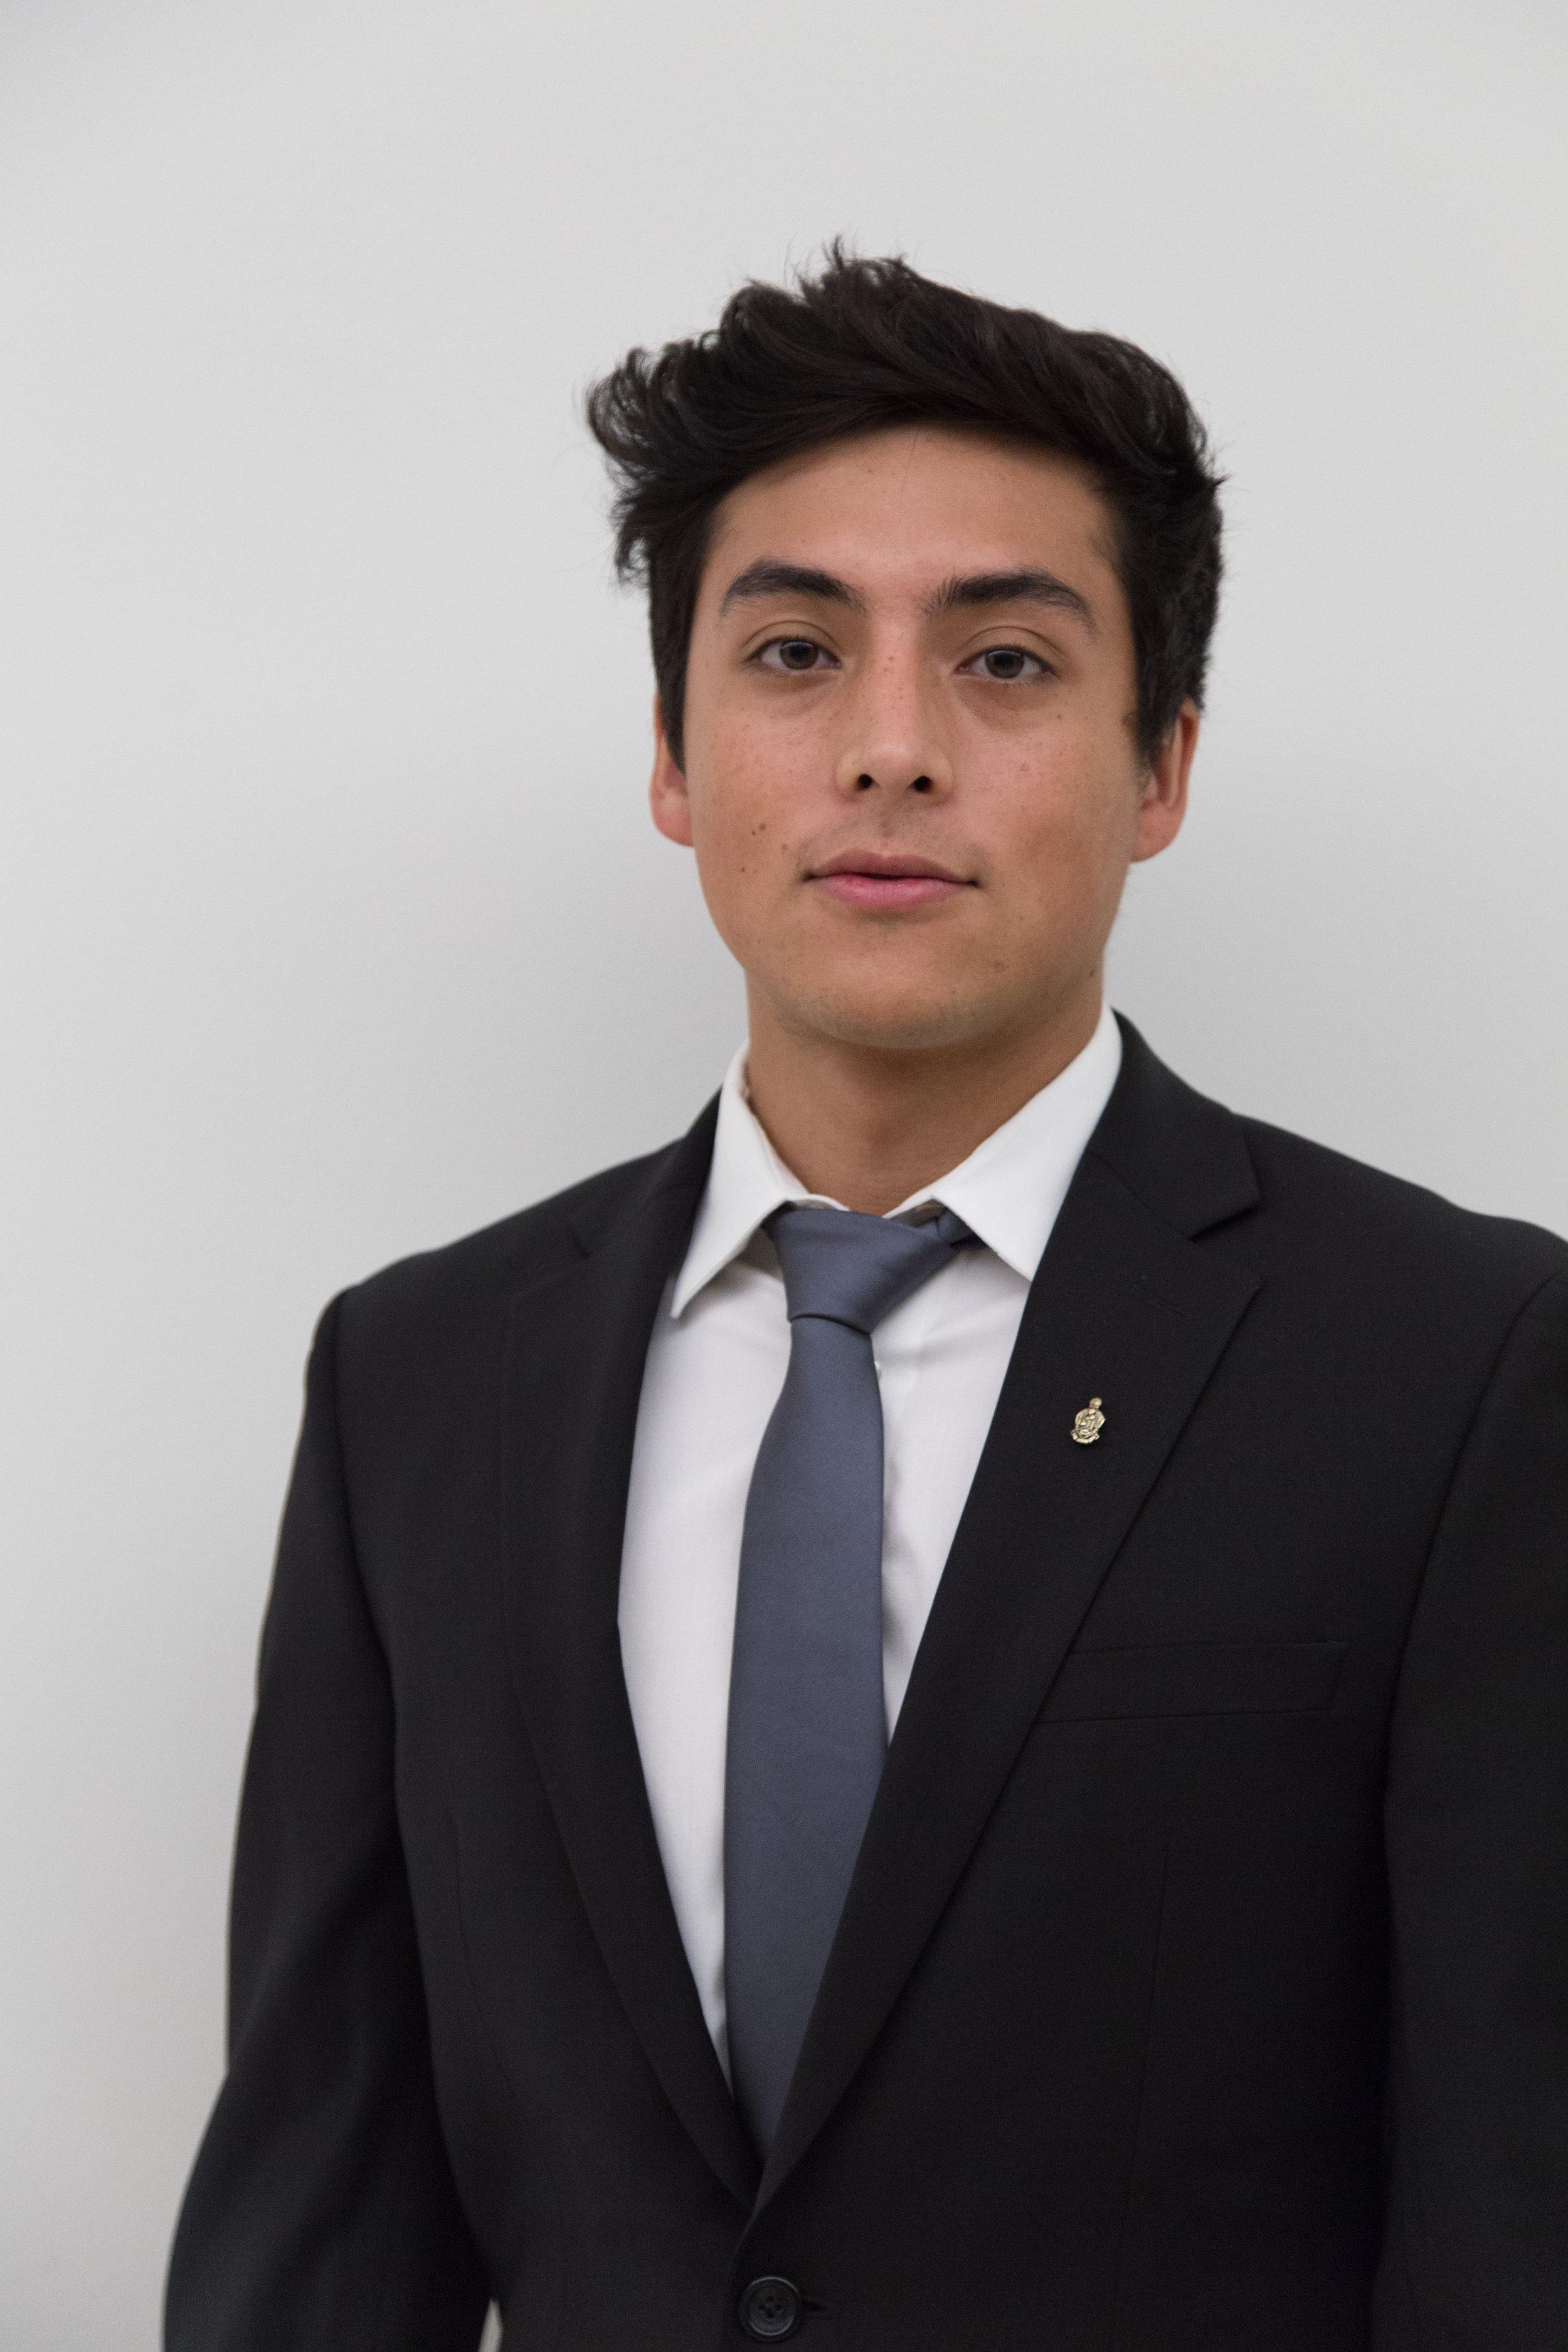 Daniel Montanez